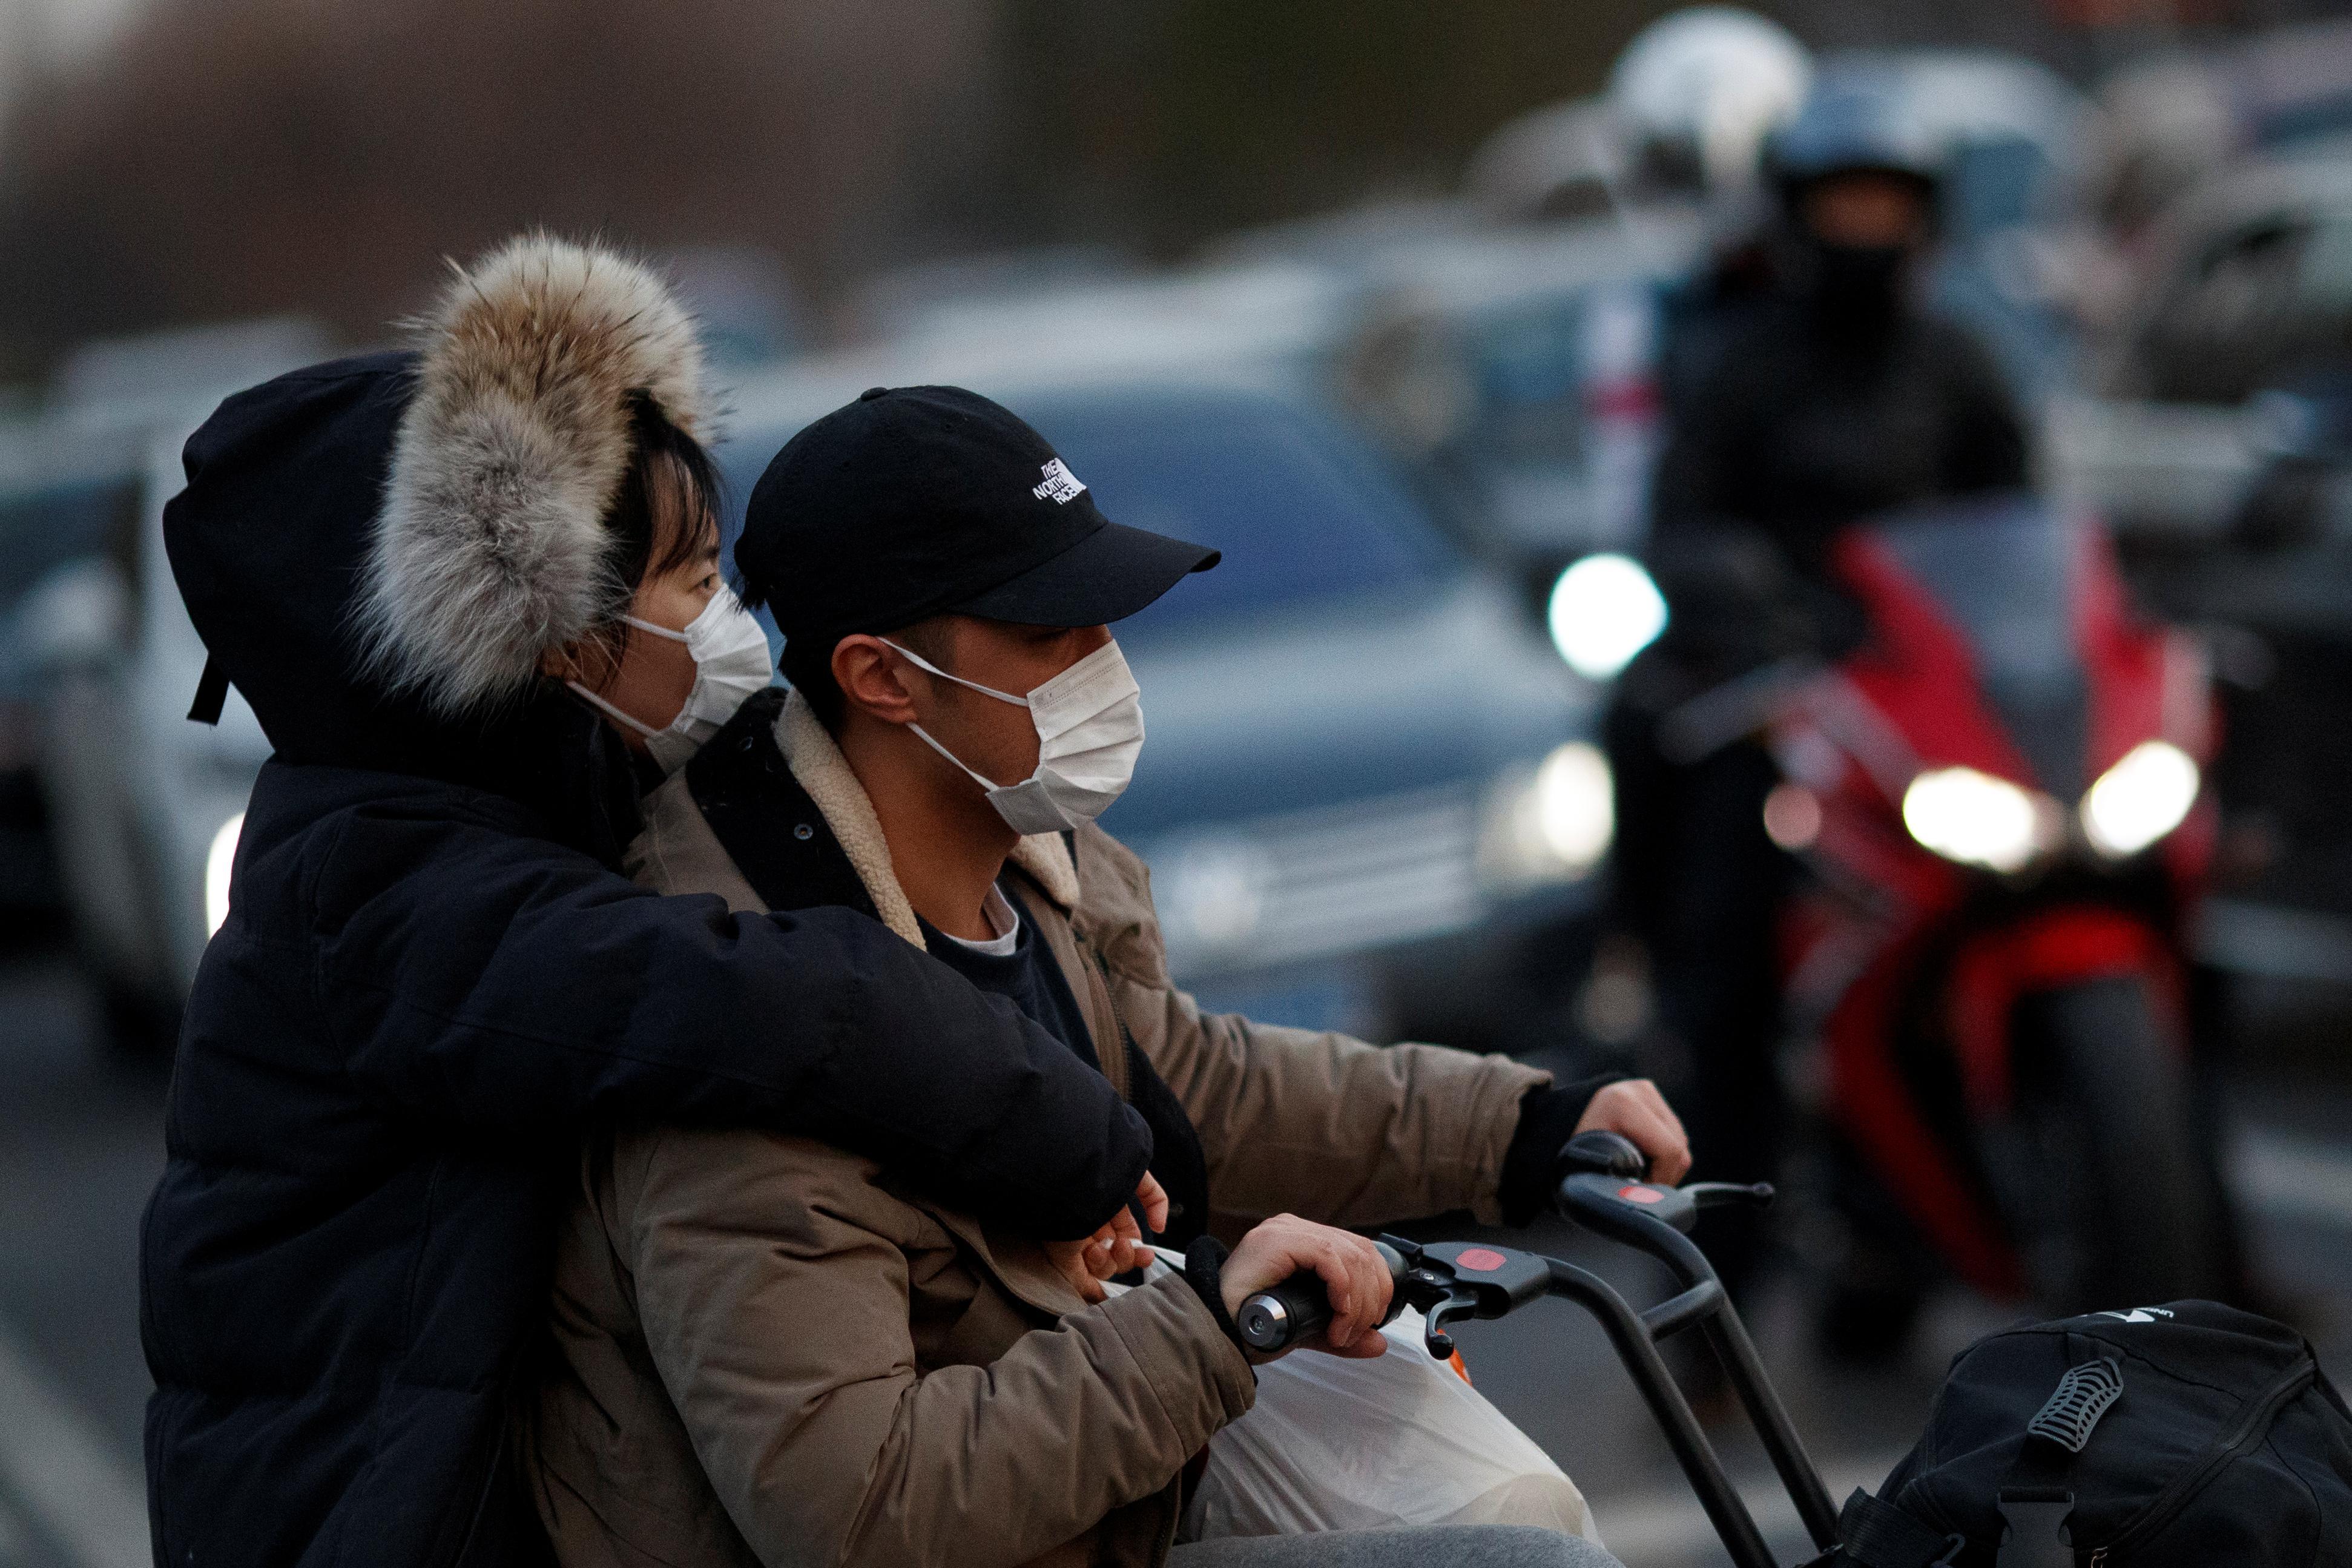 Coronavirus-Epidemie in Hubei eingedämmt